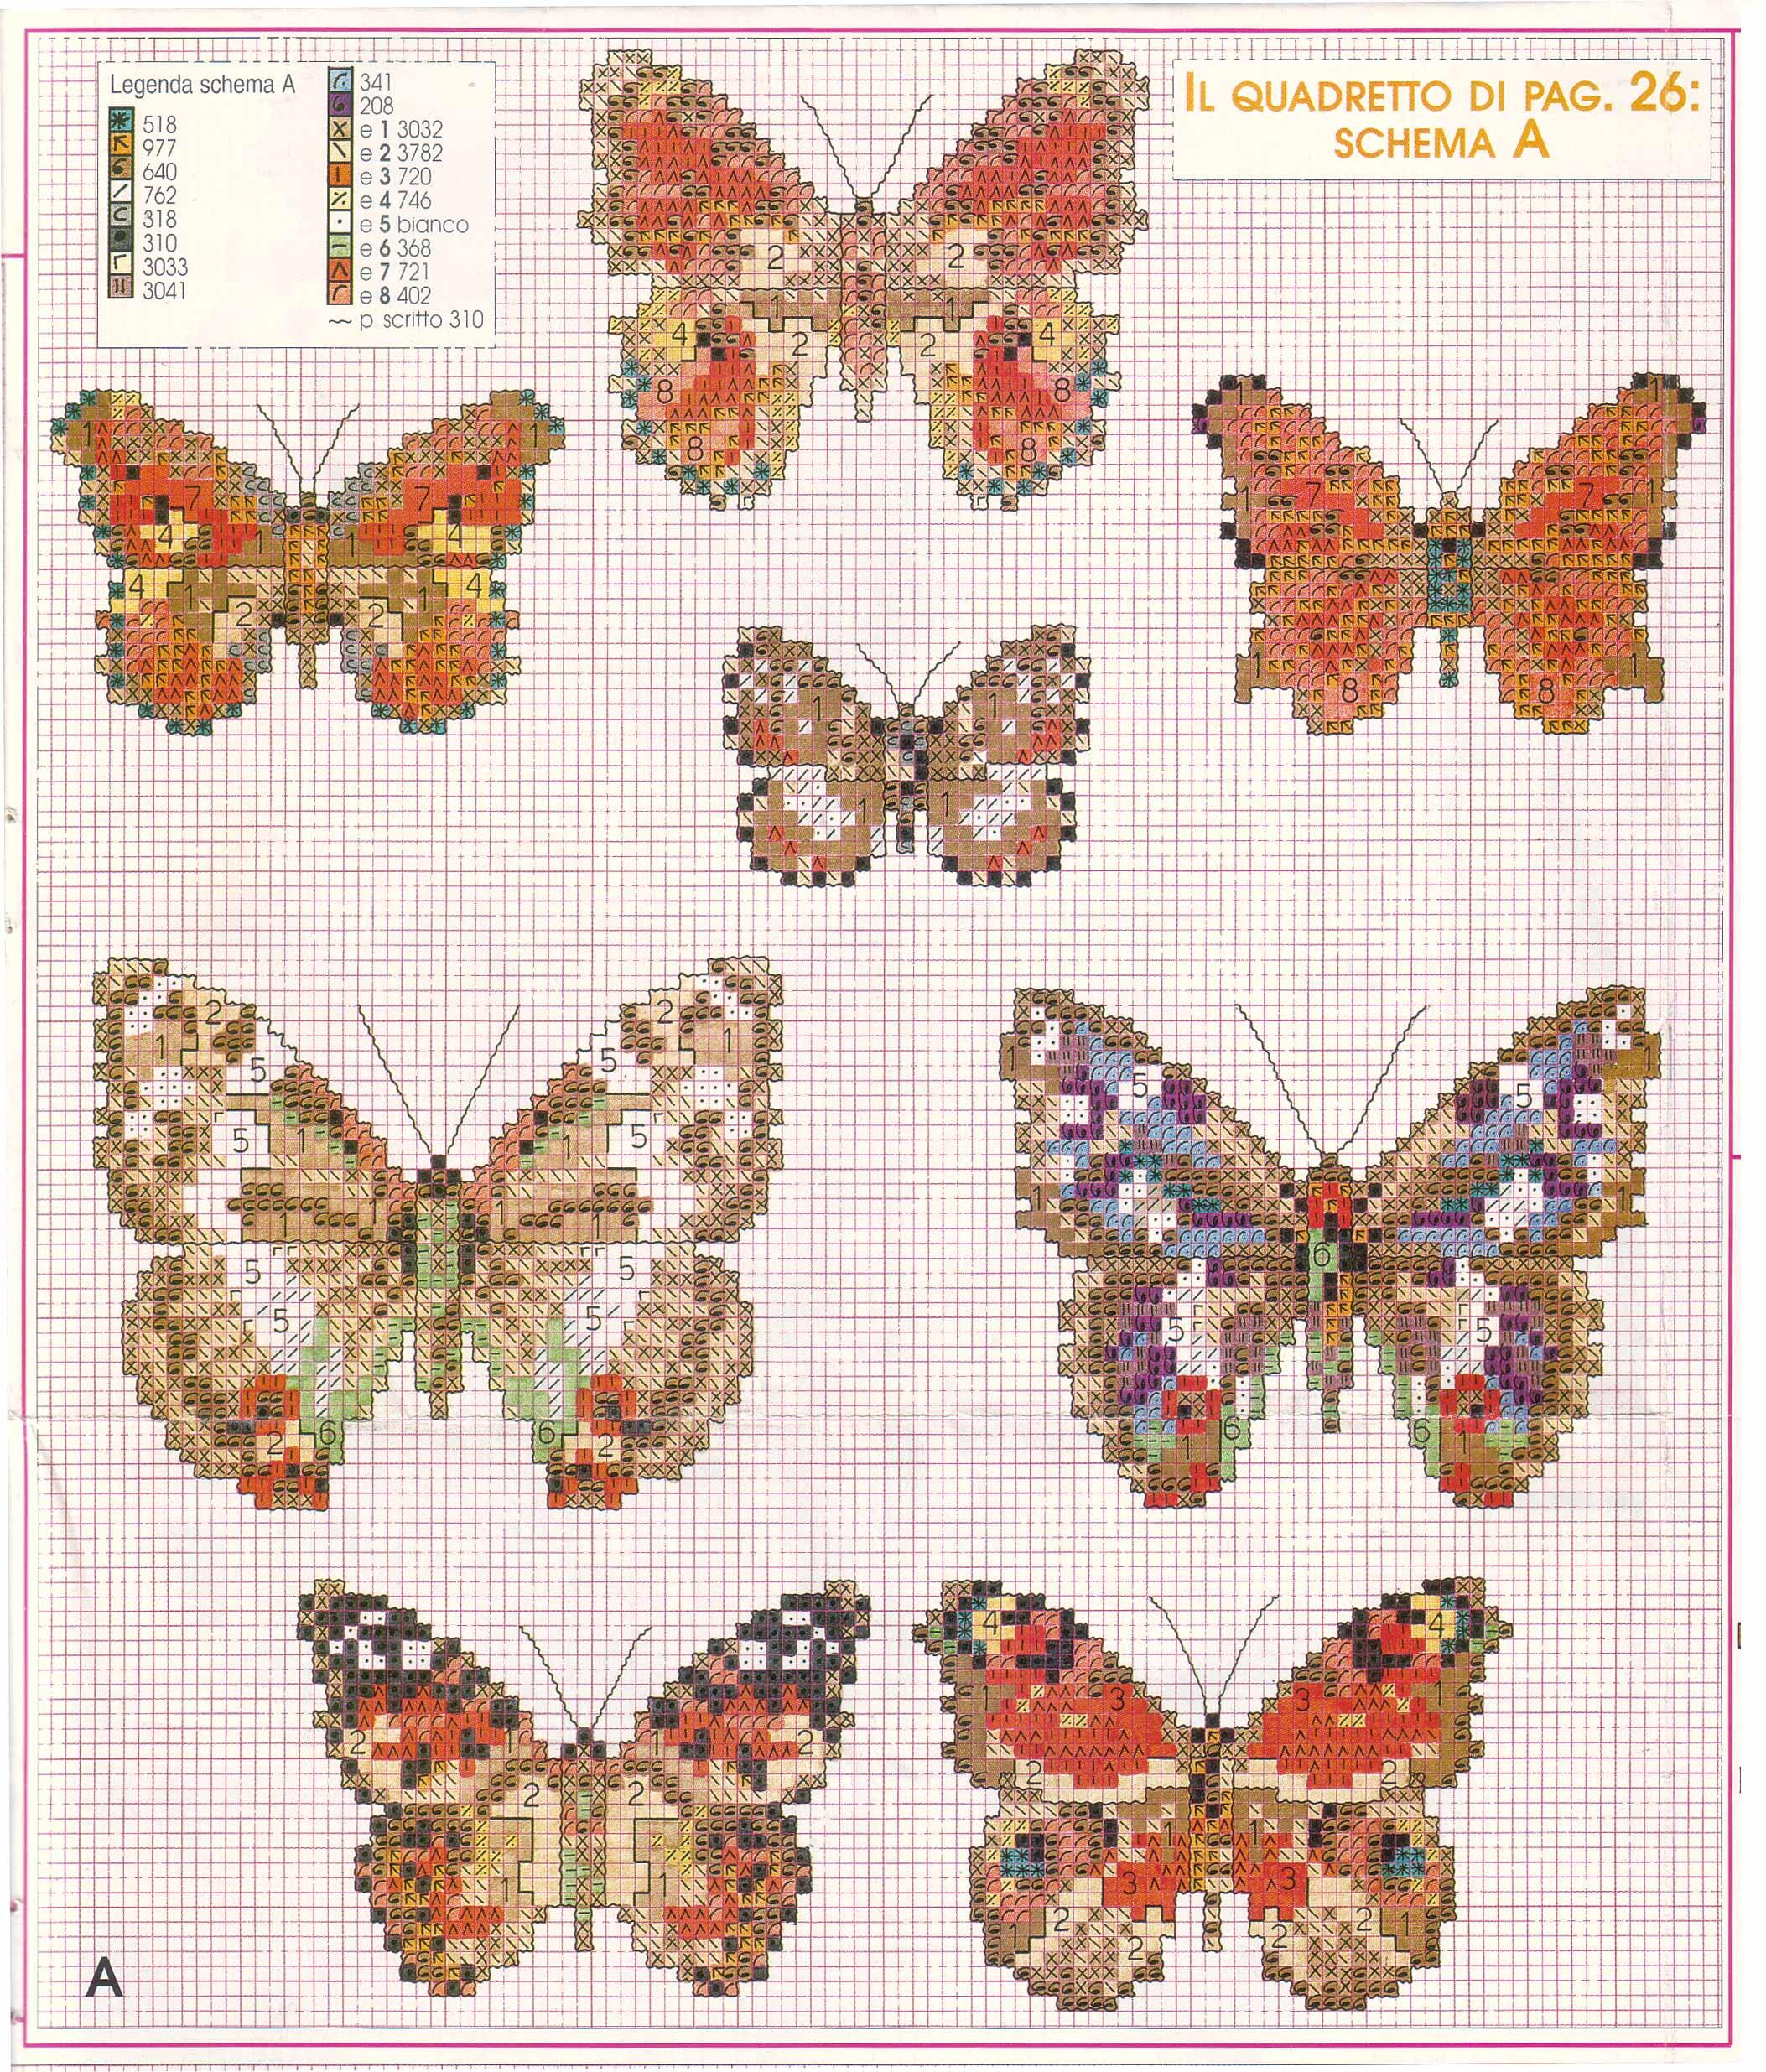 Schemi di farfalle punto croce molto realistiche 6 for Schemi punto croce farfalle